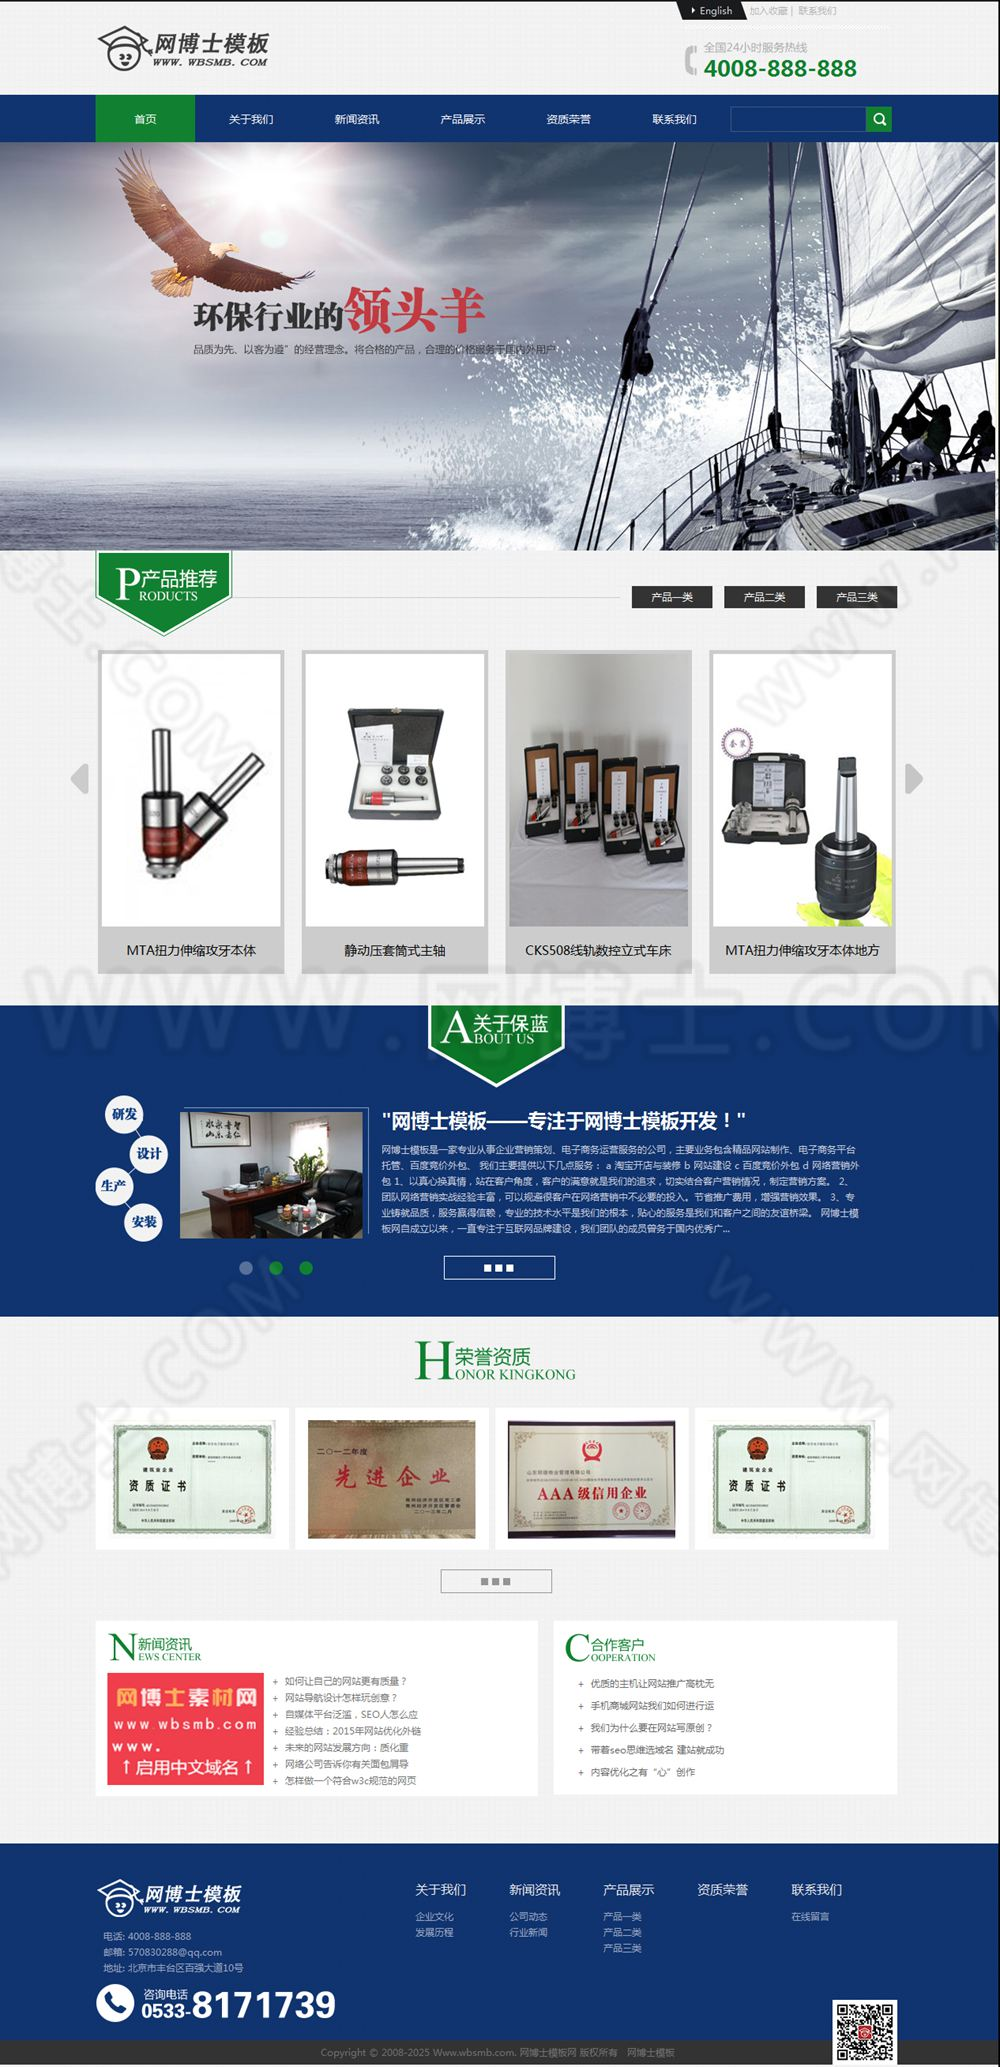 集团机械类企业网站模板